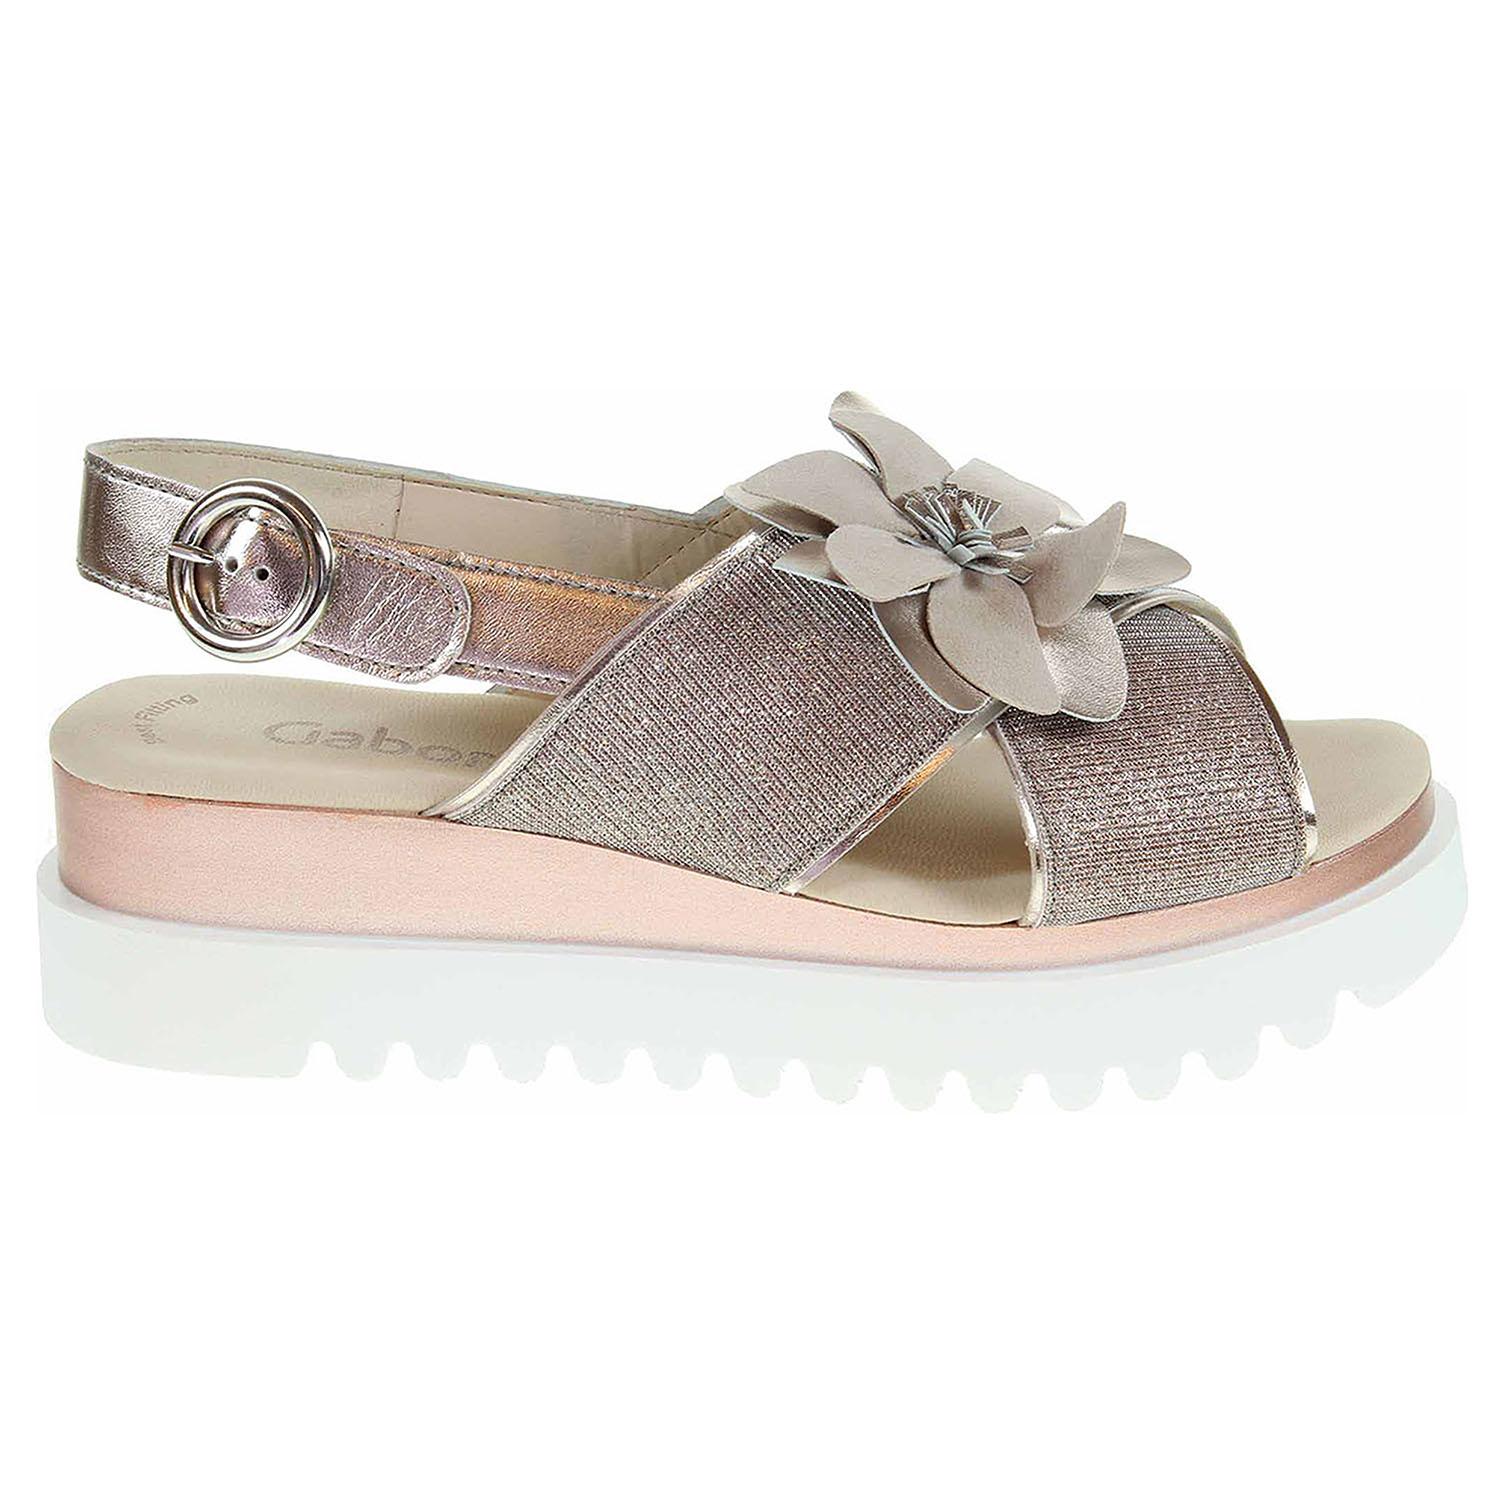 Ecco Gabor dámské sandály 23.616.64 rosato-muschel 23801283 0ea1d15735